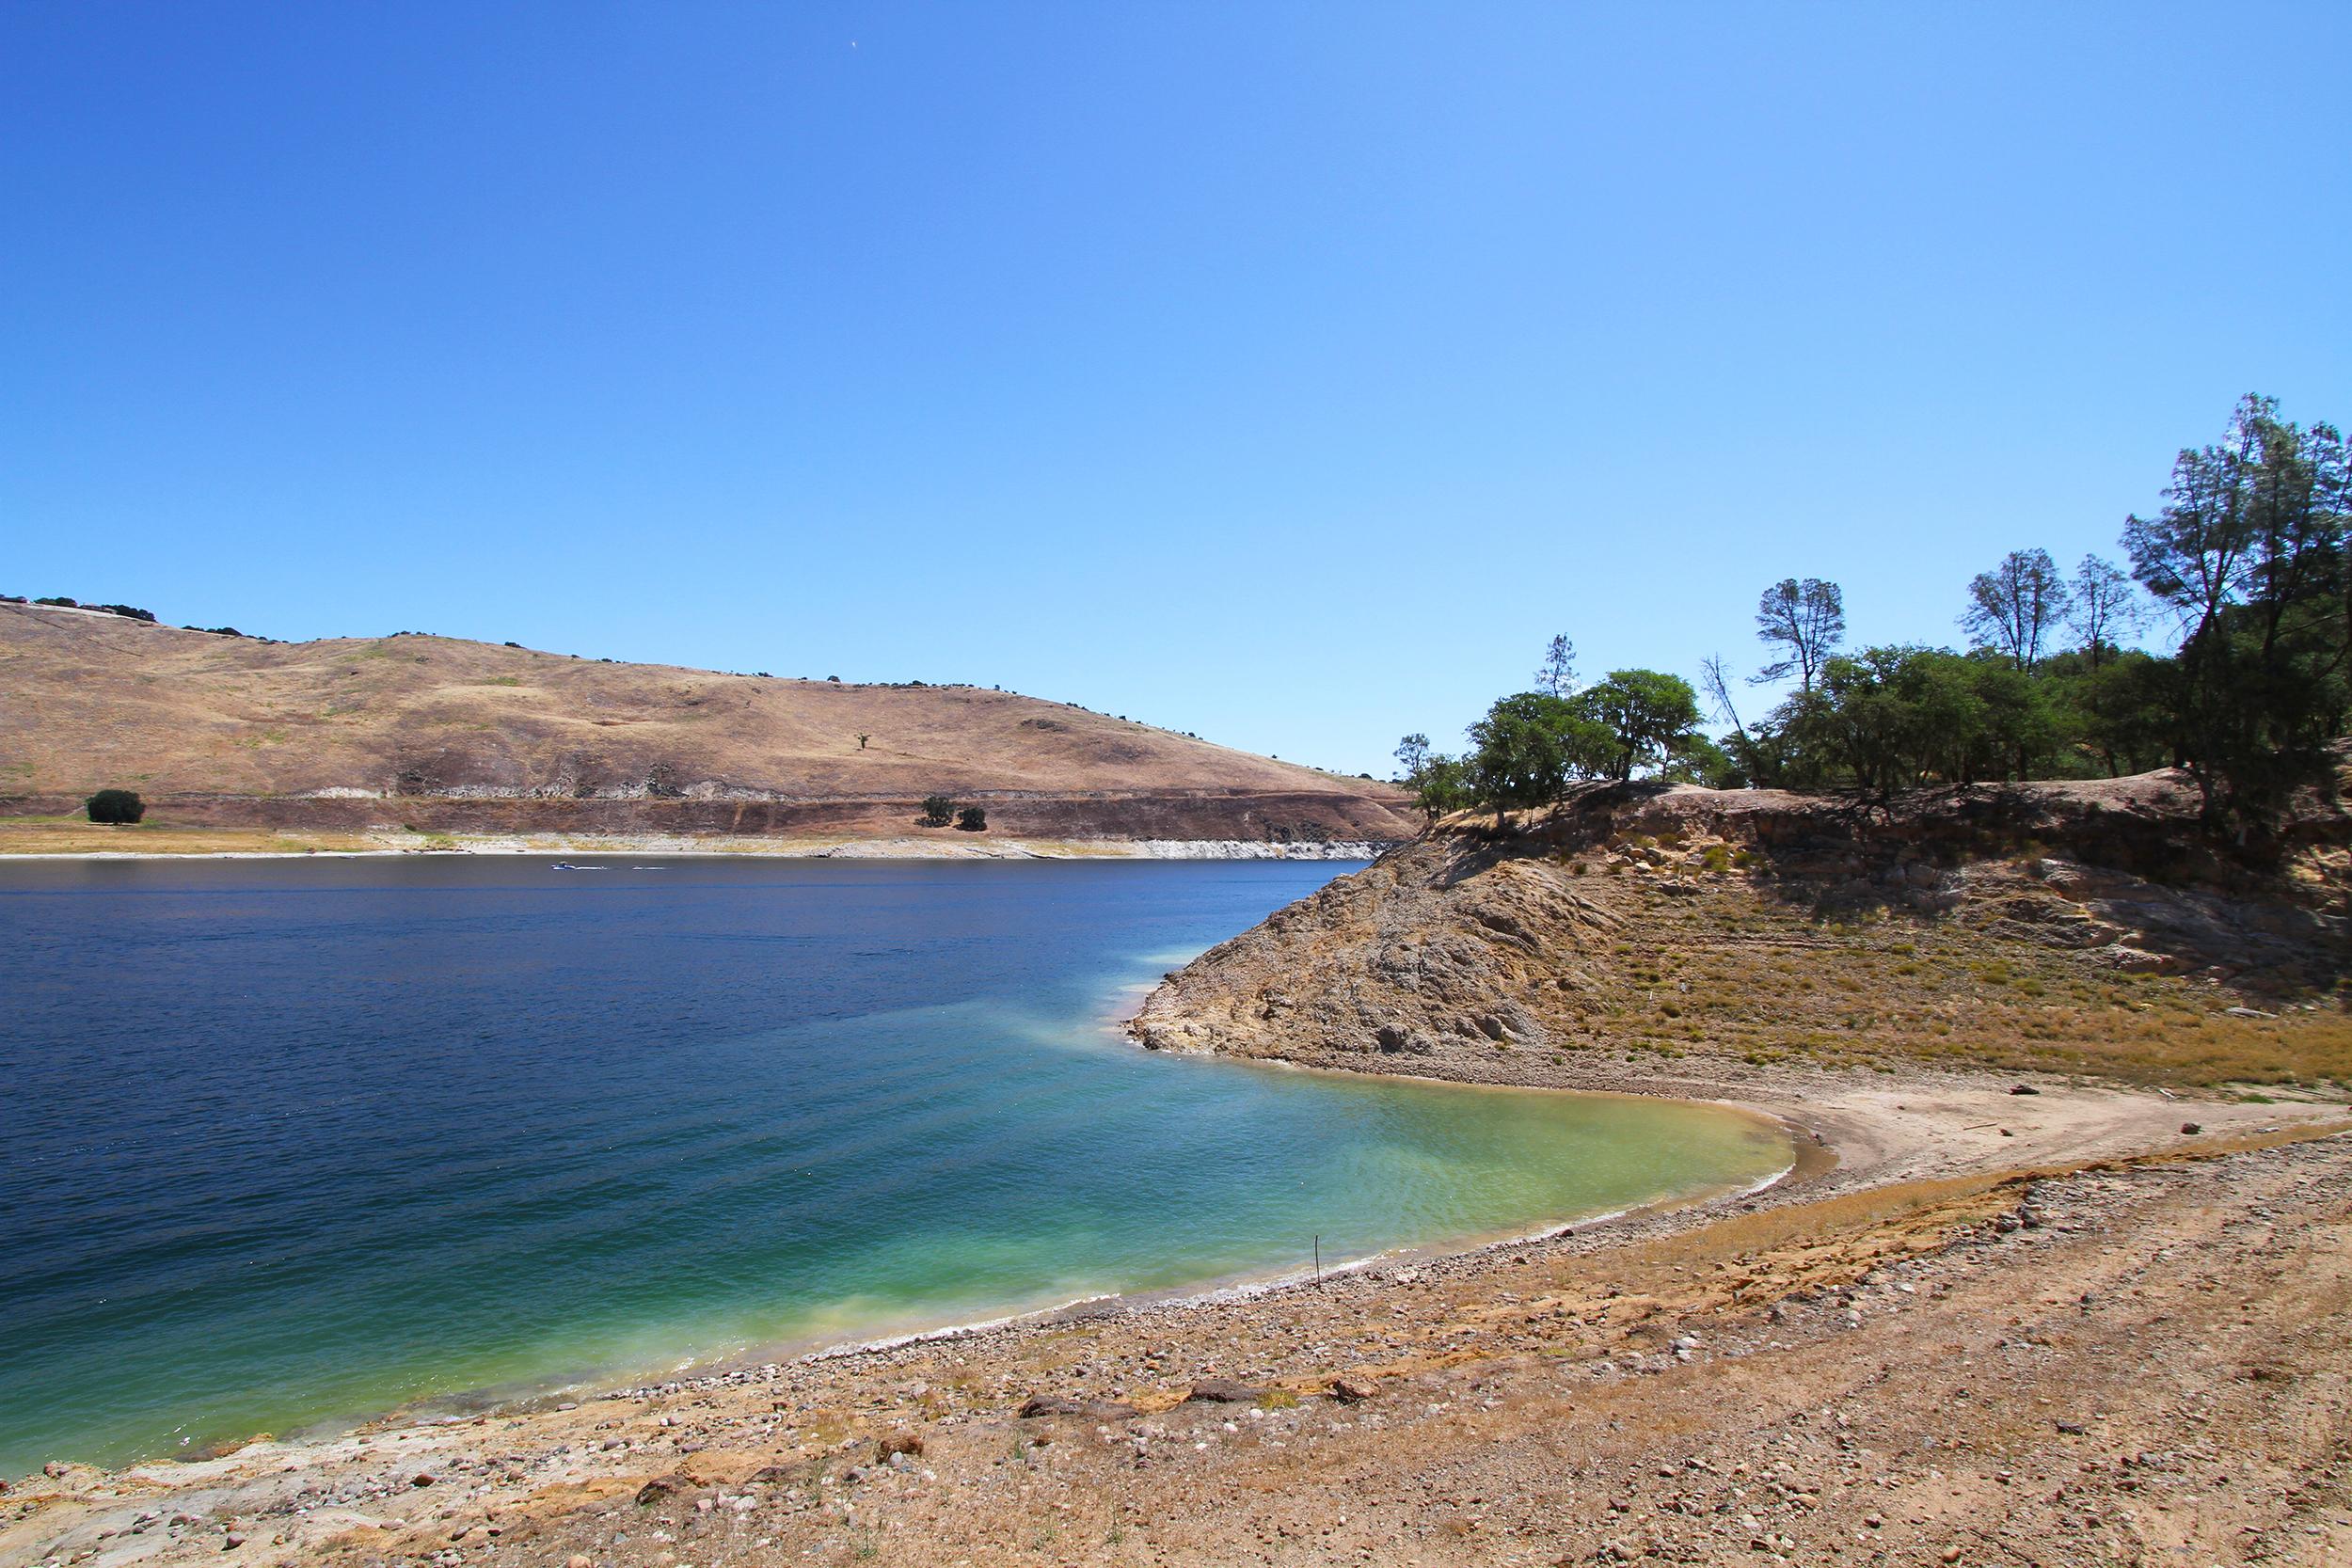 Lake Nacimiento, San Luis Obispo County